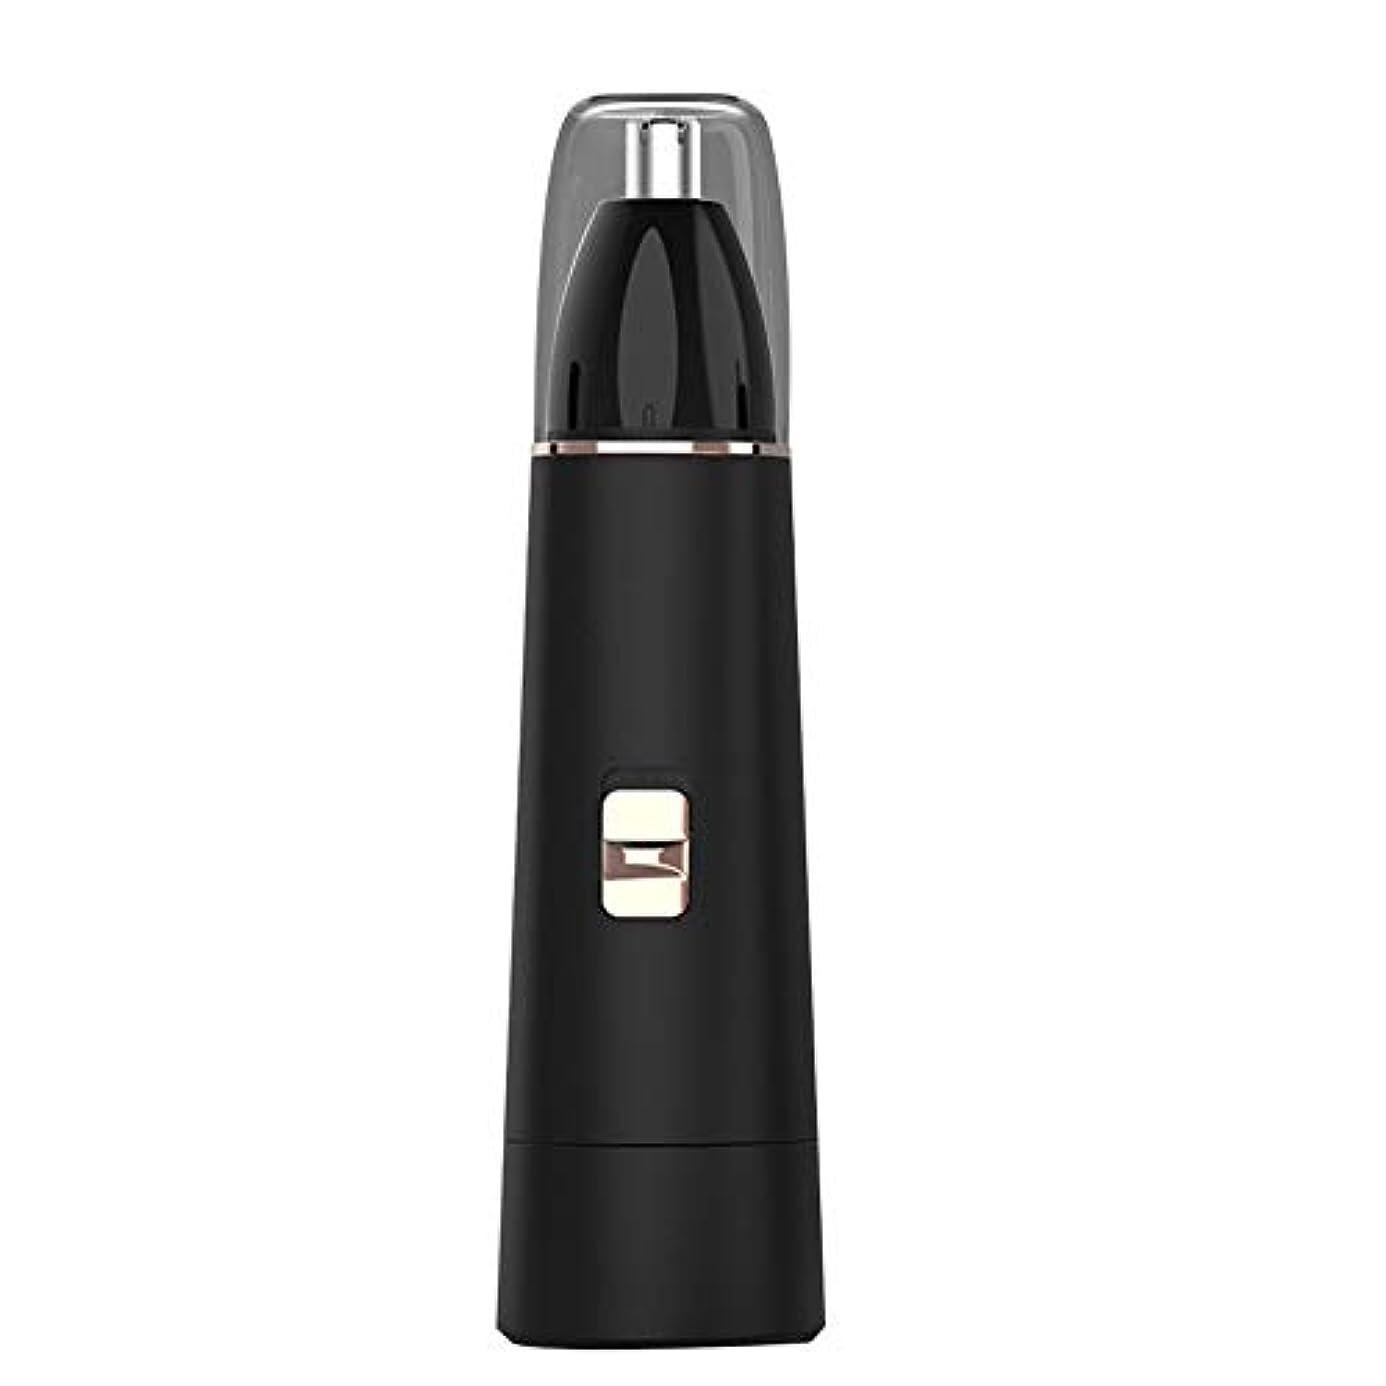 最小あからさま塩鼻毛トリマー-USB充電式電動鼻毛トリマー/ABS素材/多機能 操作が簡単